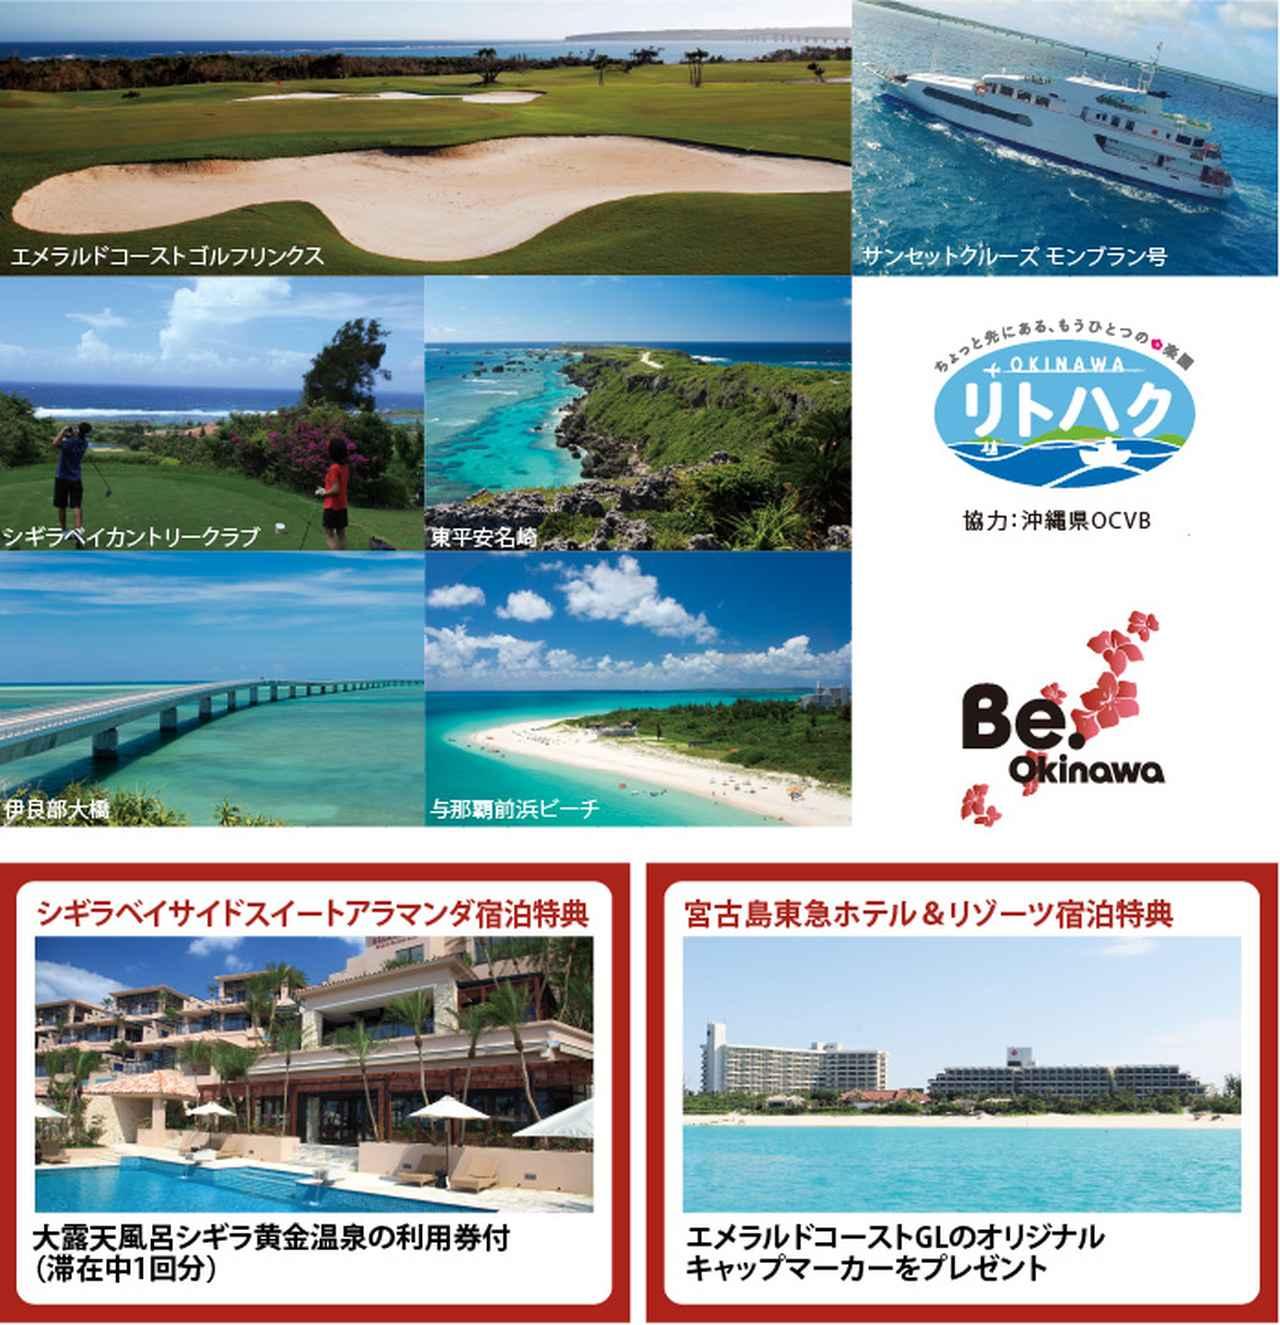 画像: 人気のリゾートホテルとゴルフ場が選べる サンゴの美ら島 ゴルフパラダイス宮古島3日間 ゴルフダイジェスト・ゴルフツアーセンター